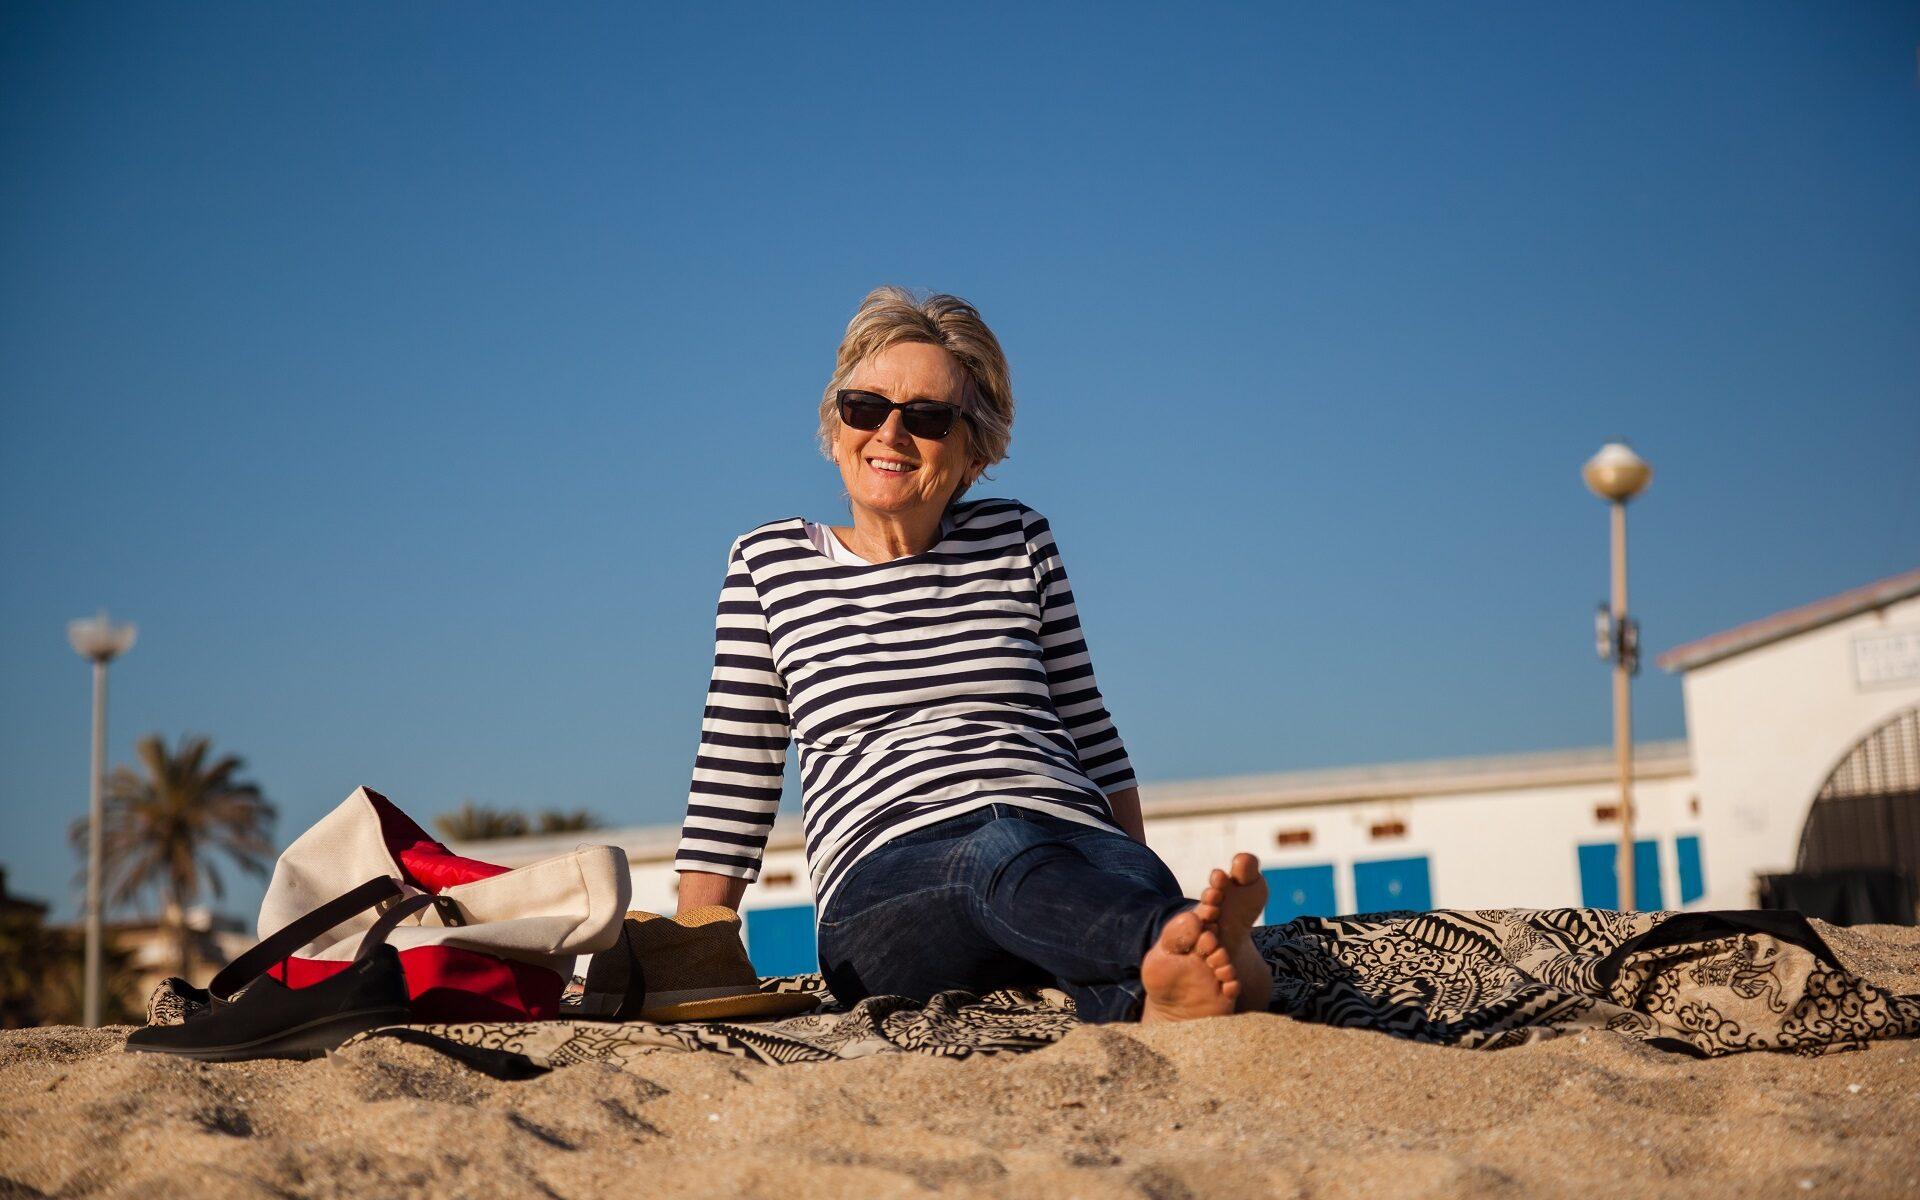 Single Frau sitzt fröhlich am Strand